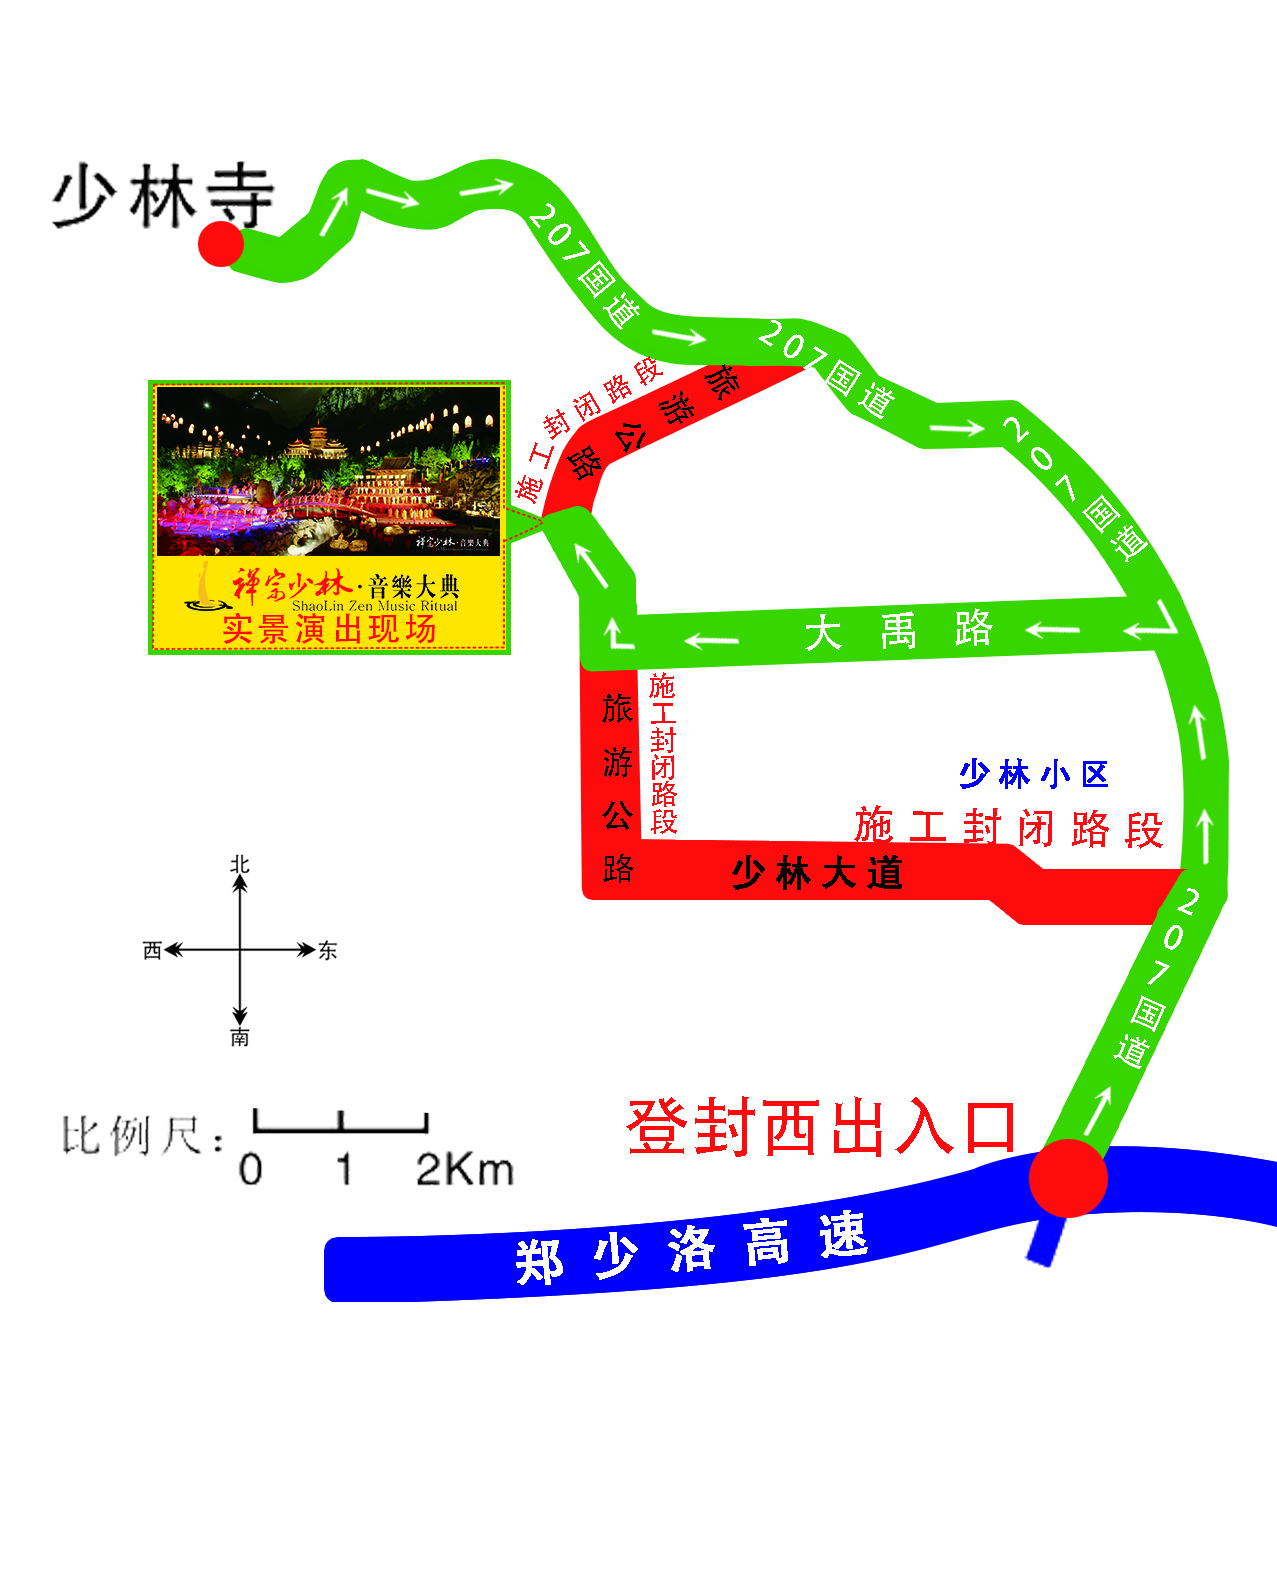 前往禅宗少林・音乐大典最佳路线图推荐